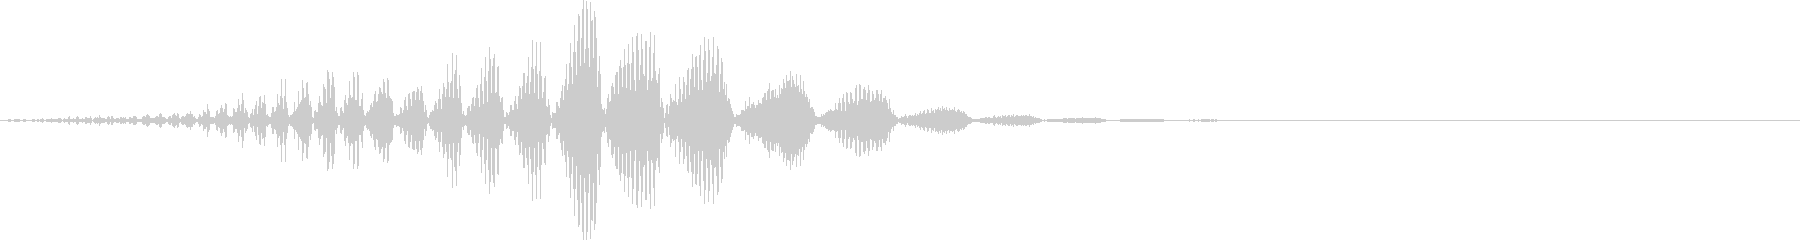 SE ロボ音の未再生の波形